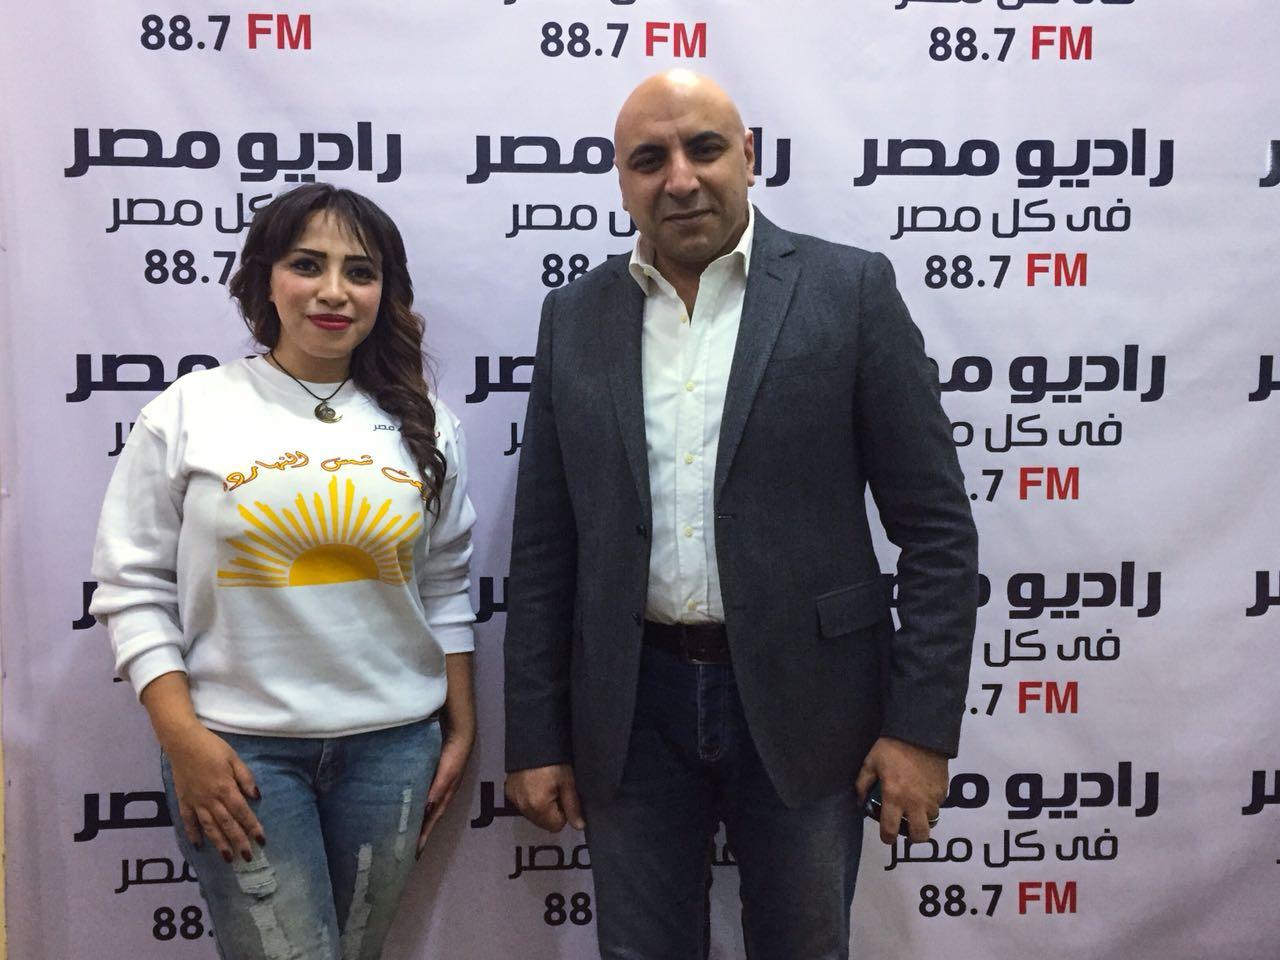 احتفالية راديو مصر (1)